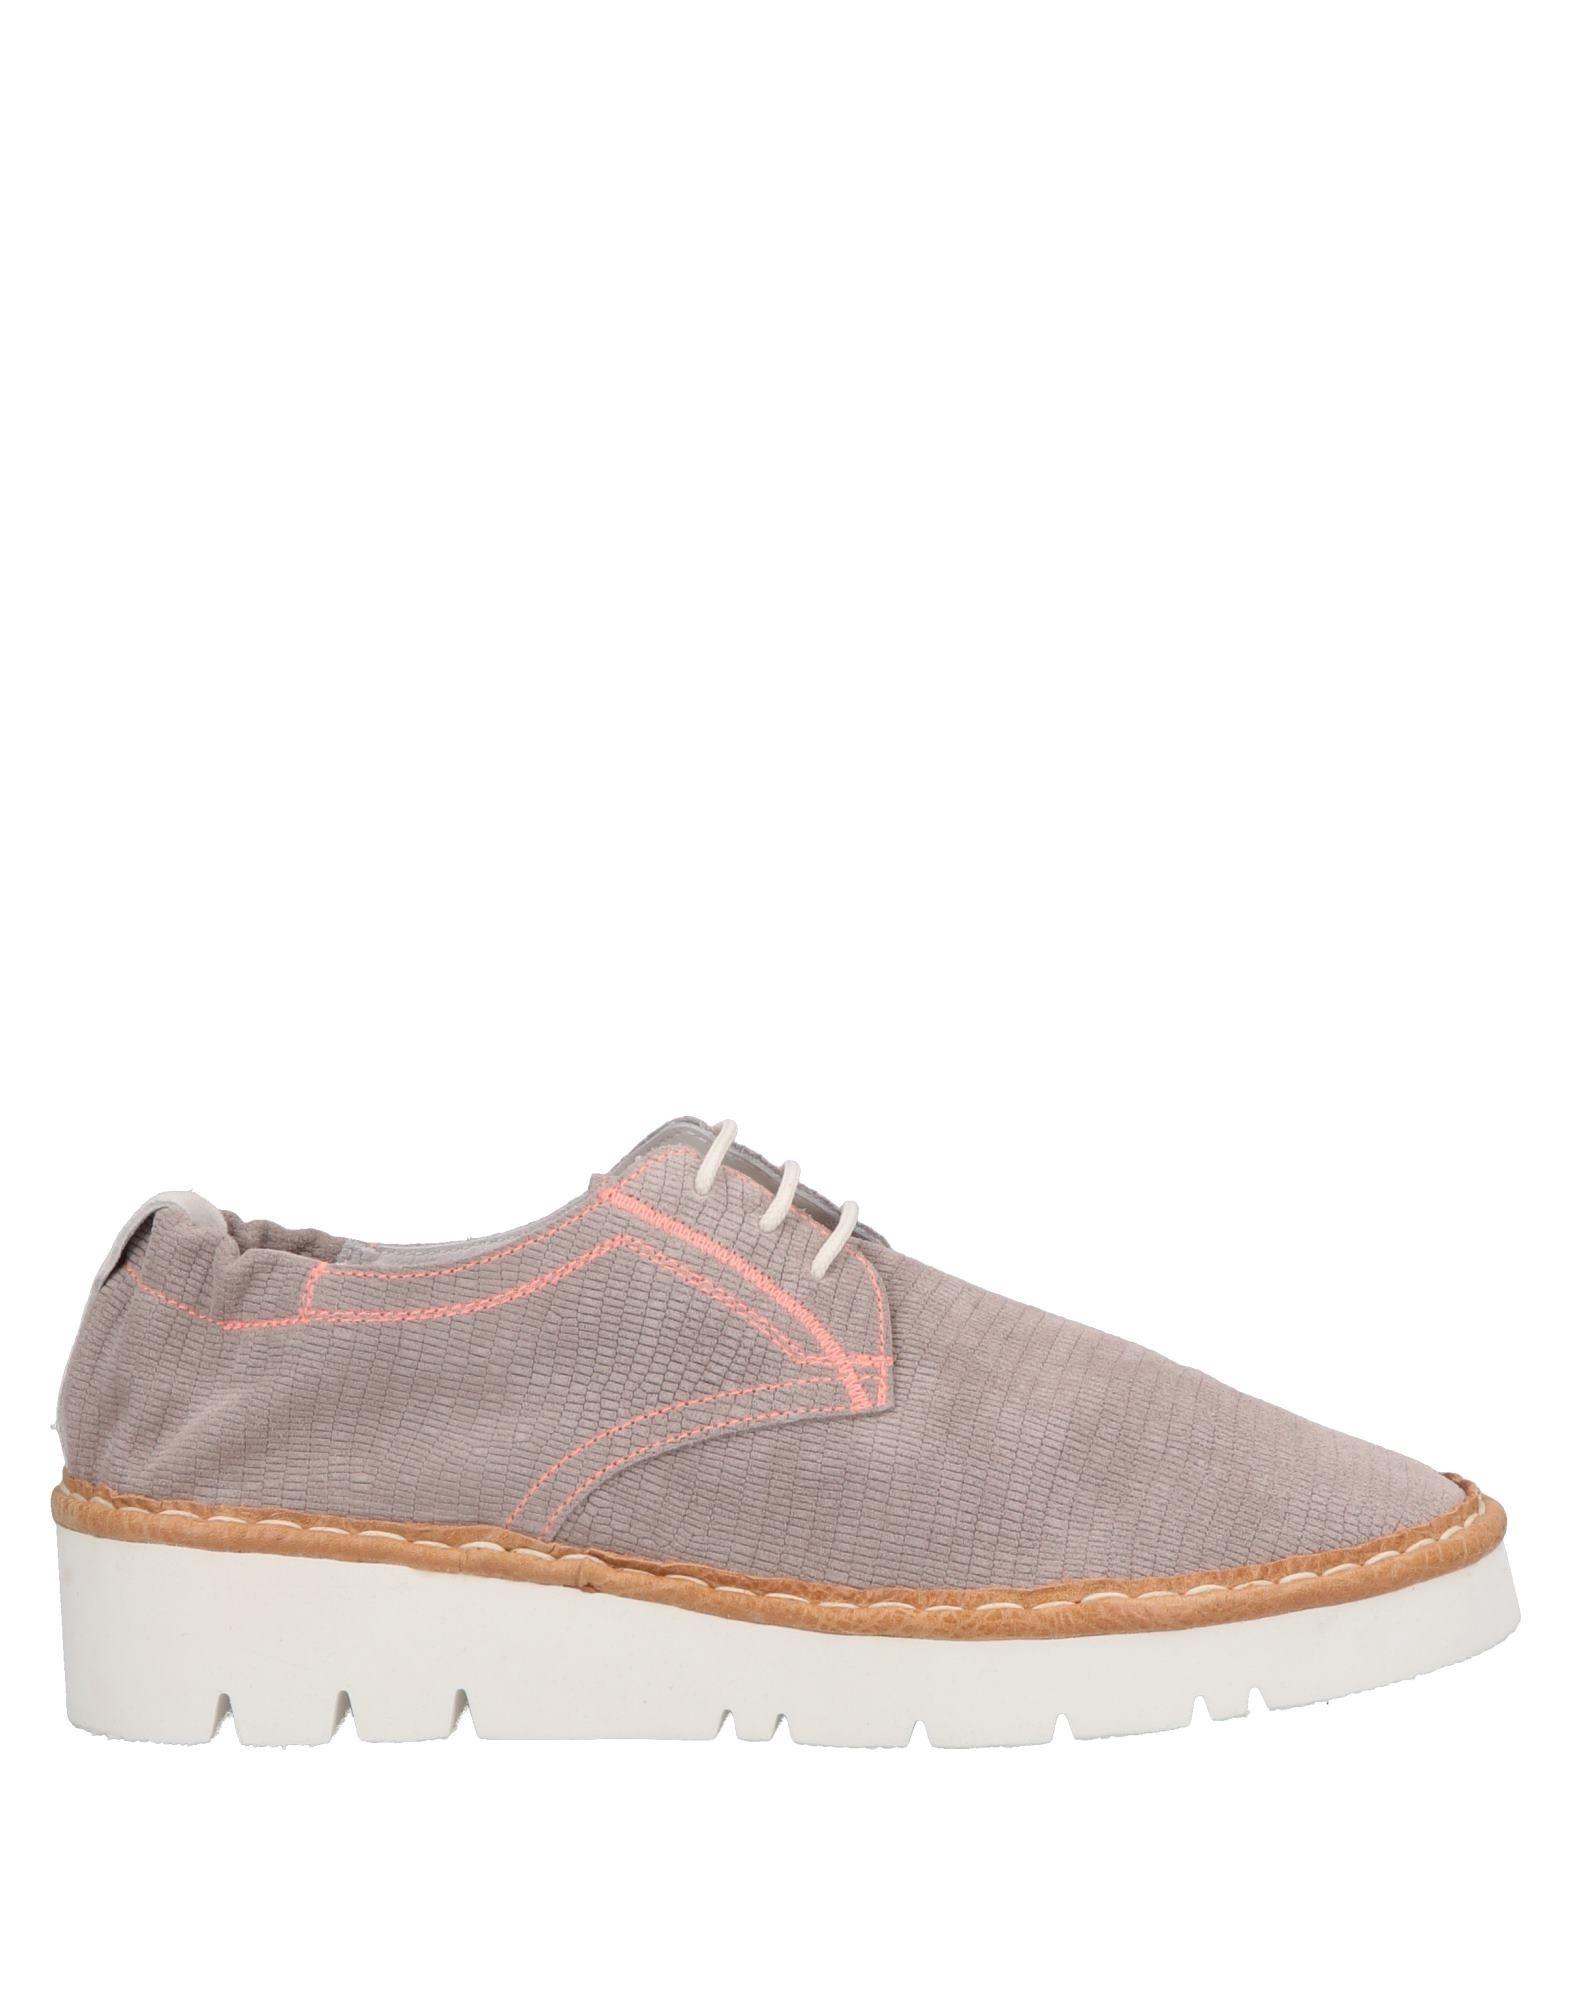 WATSON & PARKER Lace-up shoes - Item 11646771